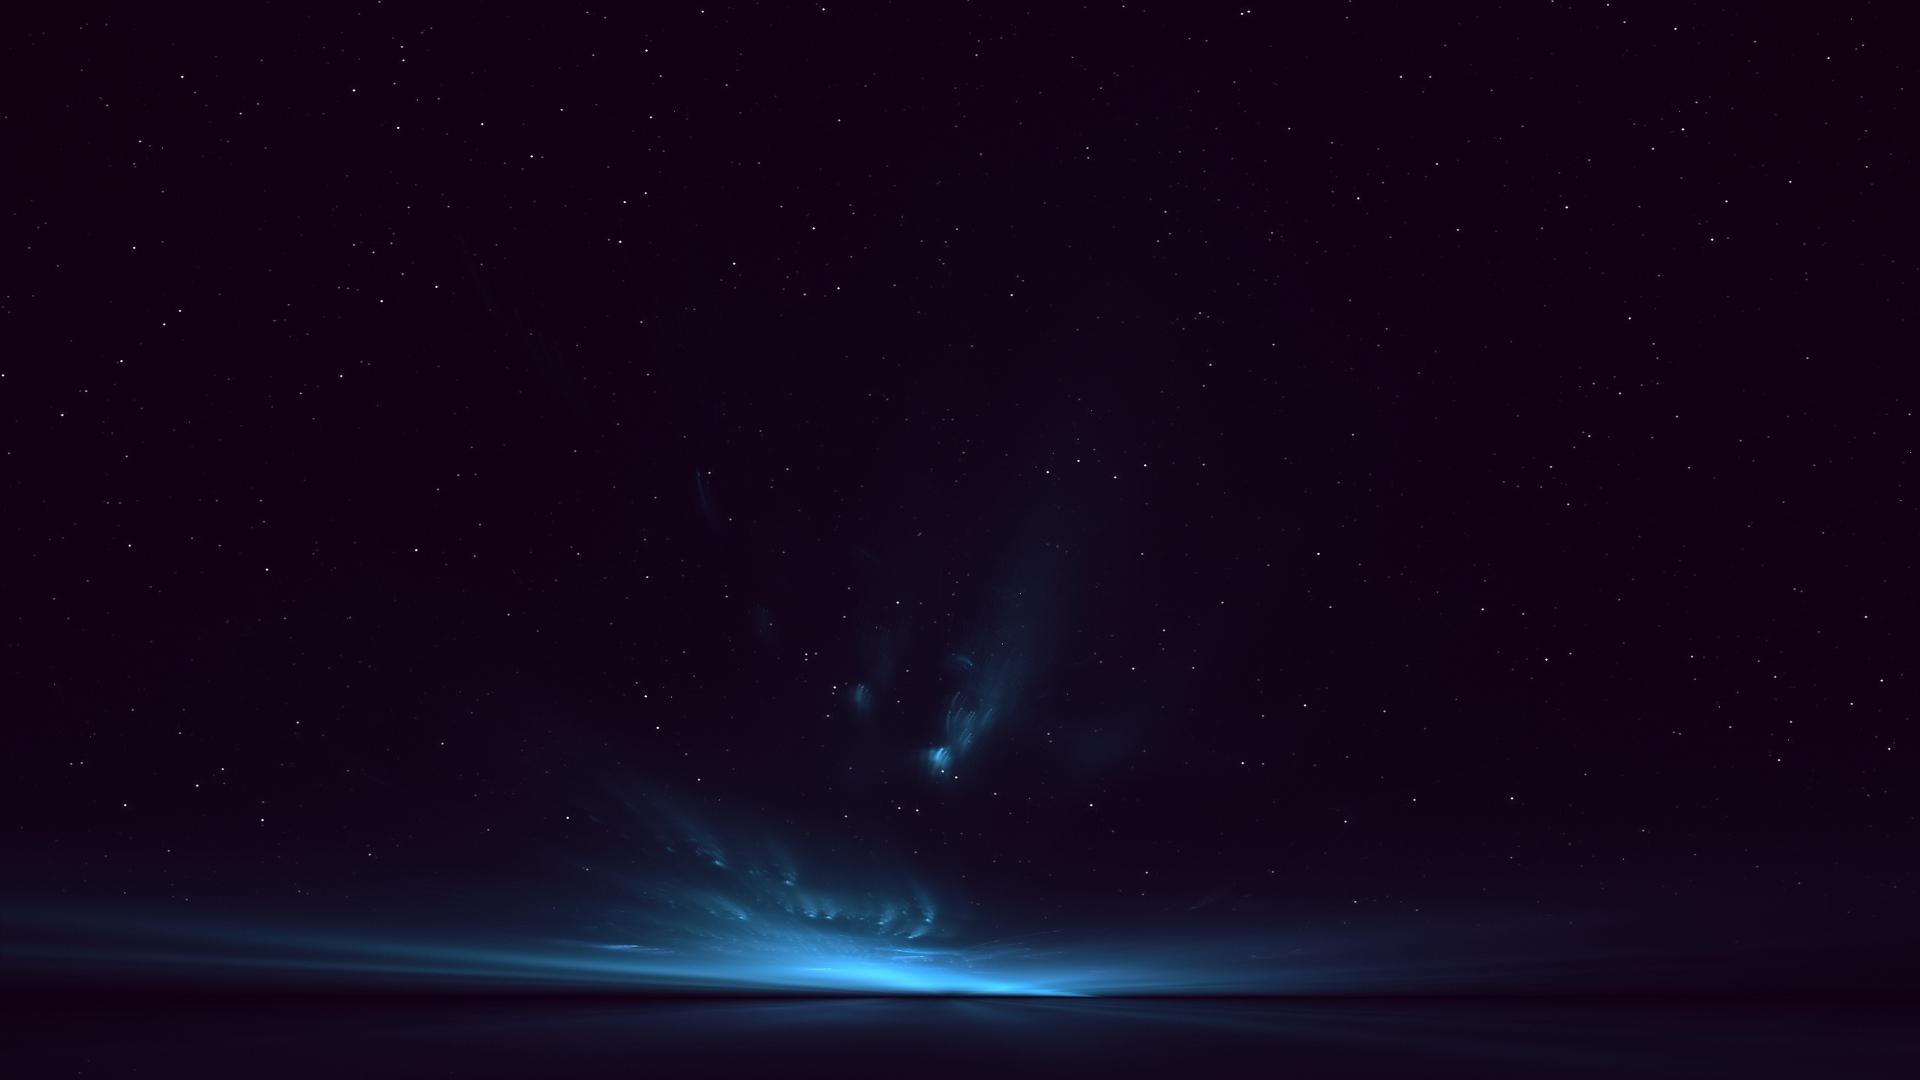 Download wallpaper 1920x1080 light sky stars background full hd 1920x1080